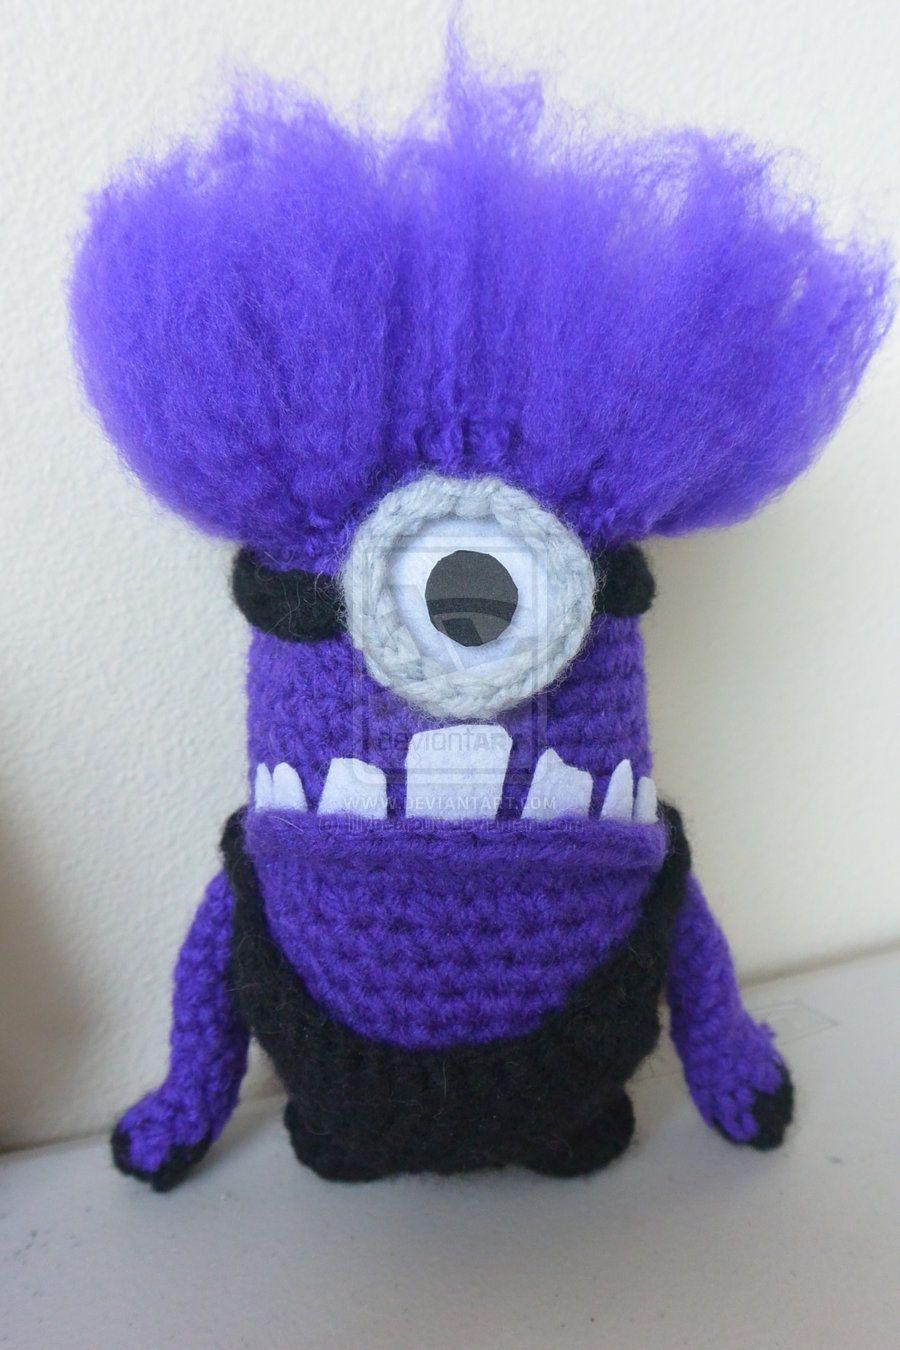 76b8968201d Despicable Me 2 Evil Minion (crochet) by lillybearbutt.deviantart.com on   deviantART